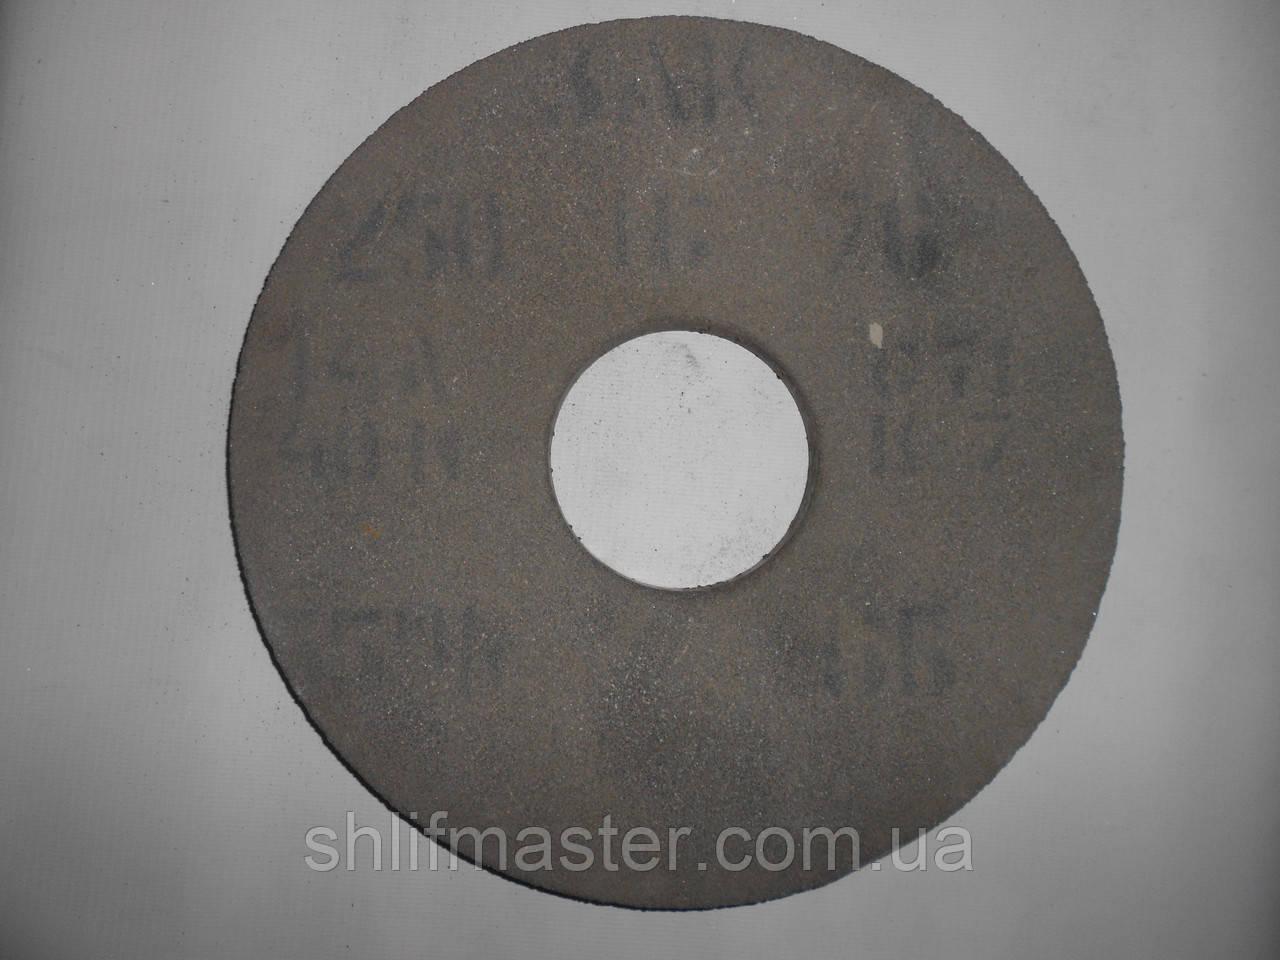 Круг шлифовальный 14А (электрокорунд серый) ПП на керамической связке 250х16х76 40 С1